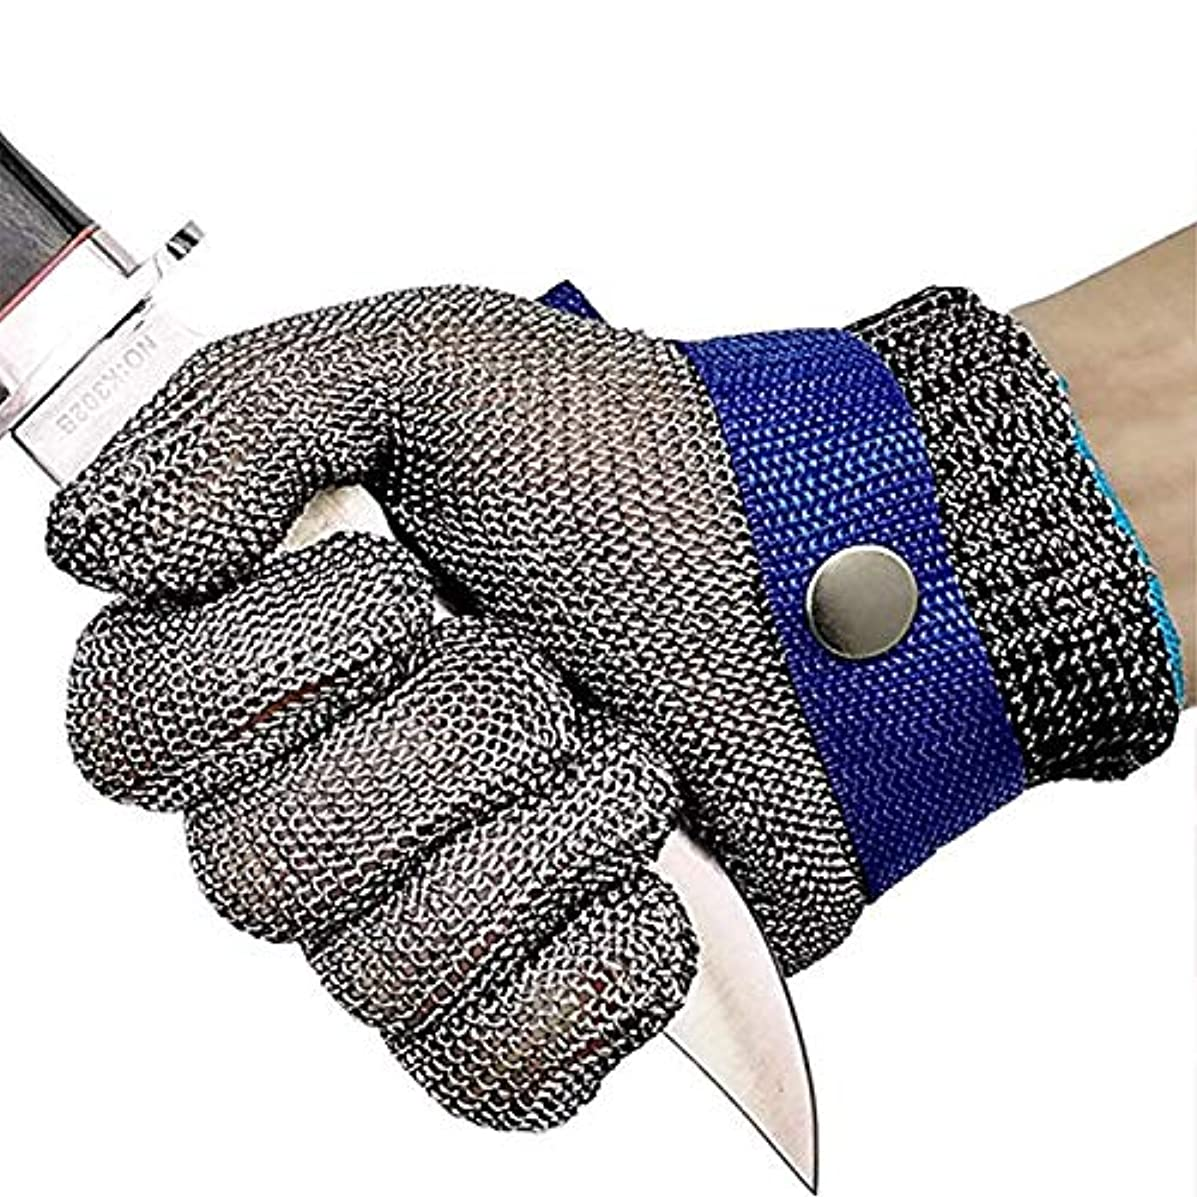 削除する遅い二十切断するためのカット性手袋、ステンレススチールワイヤーメタルメッシュブッチャー安全作業手袋、スライスチョッピングとピーリング,S